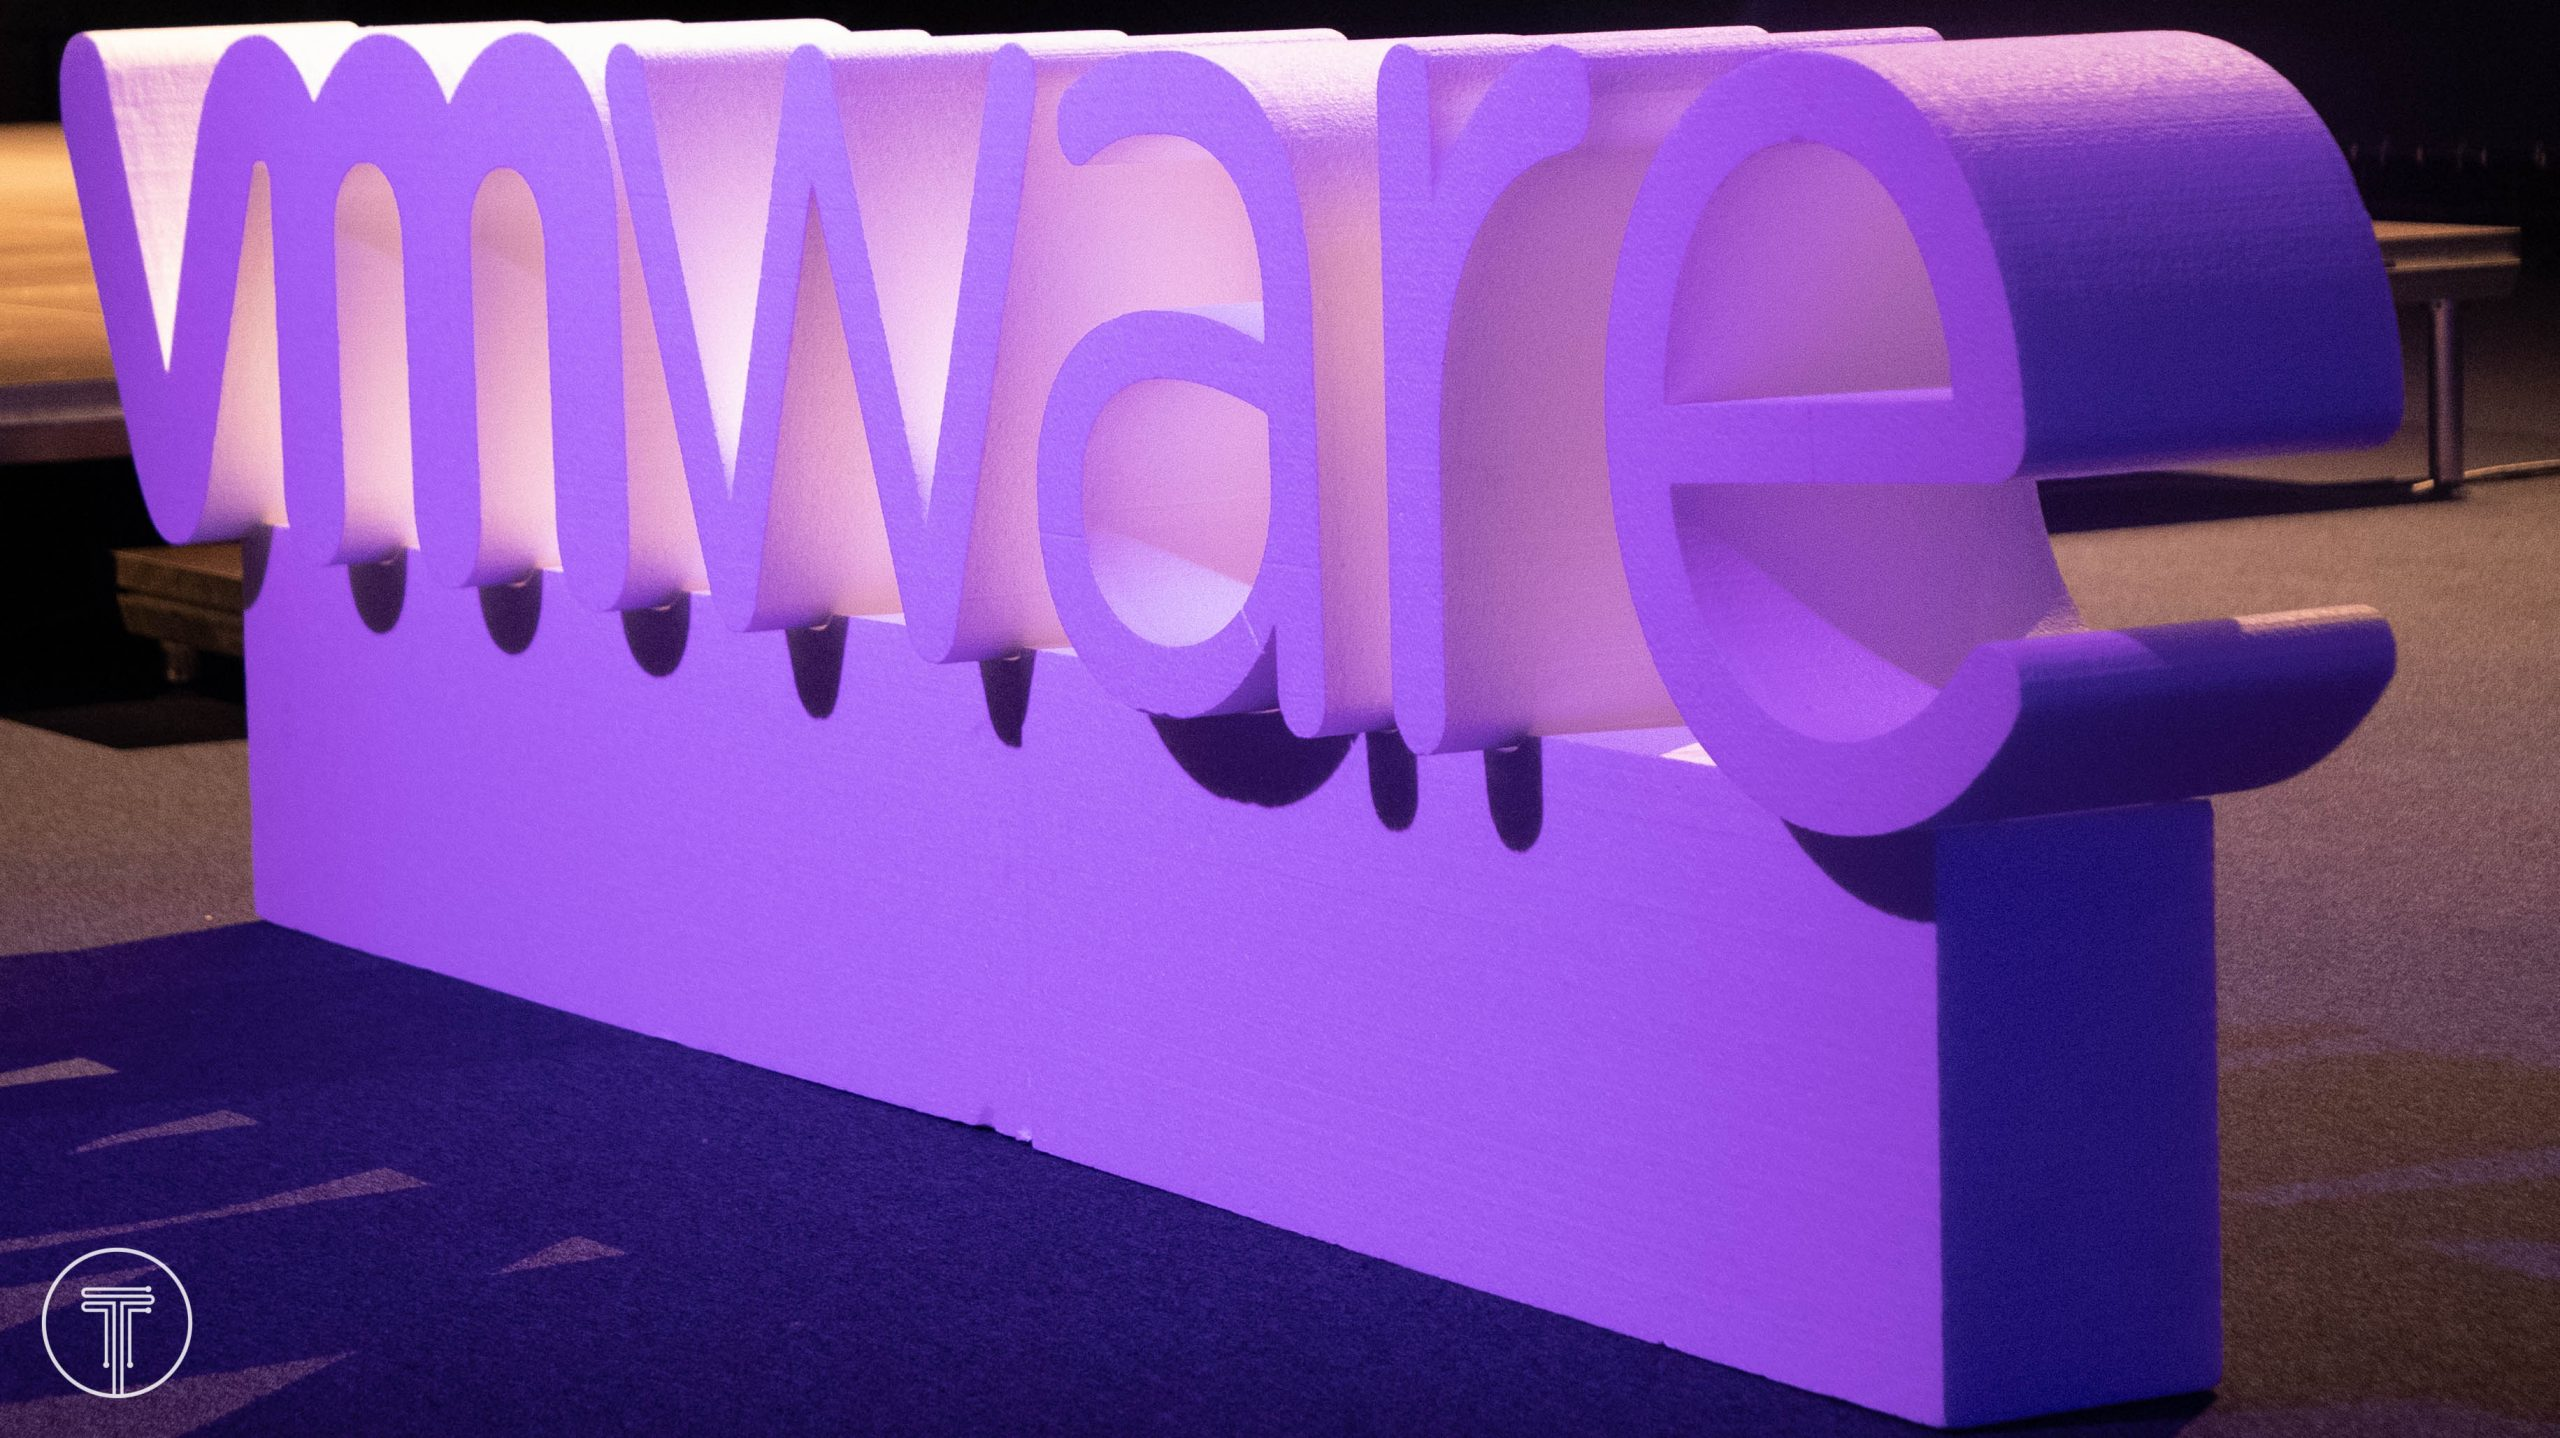 VMware-logo-TT